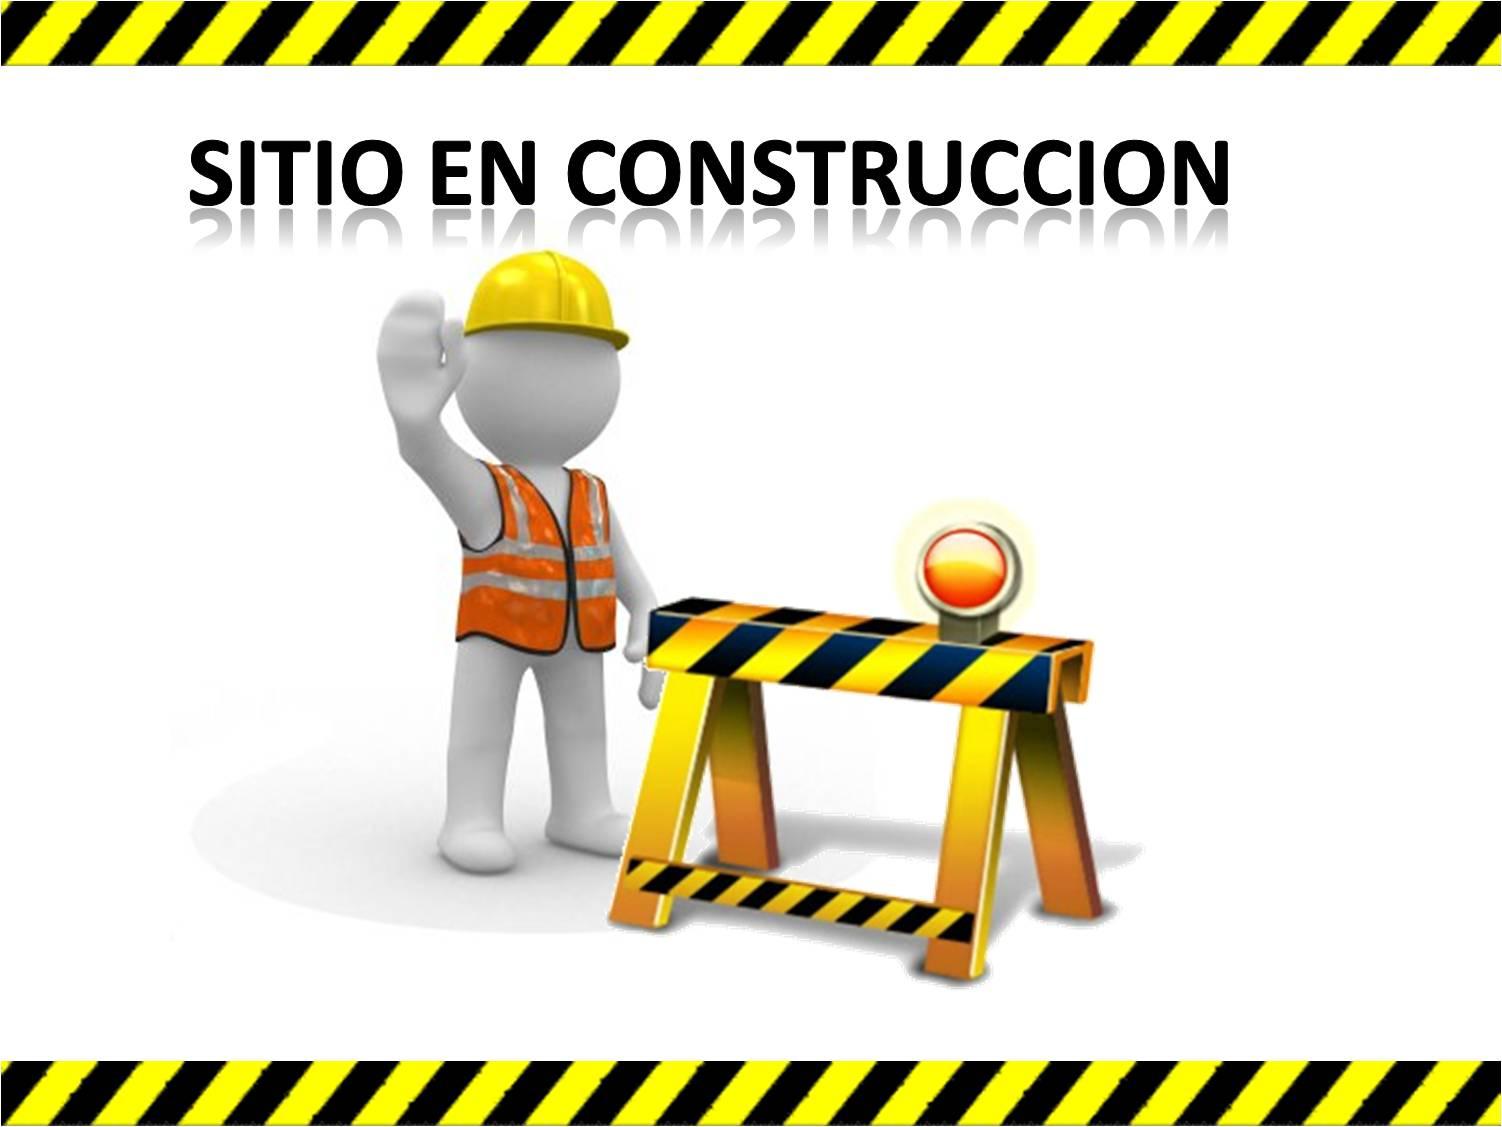 Resultado de imagen para pagina en construcción